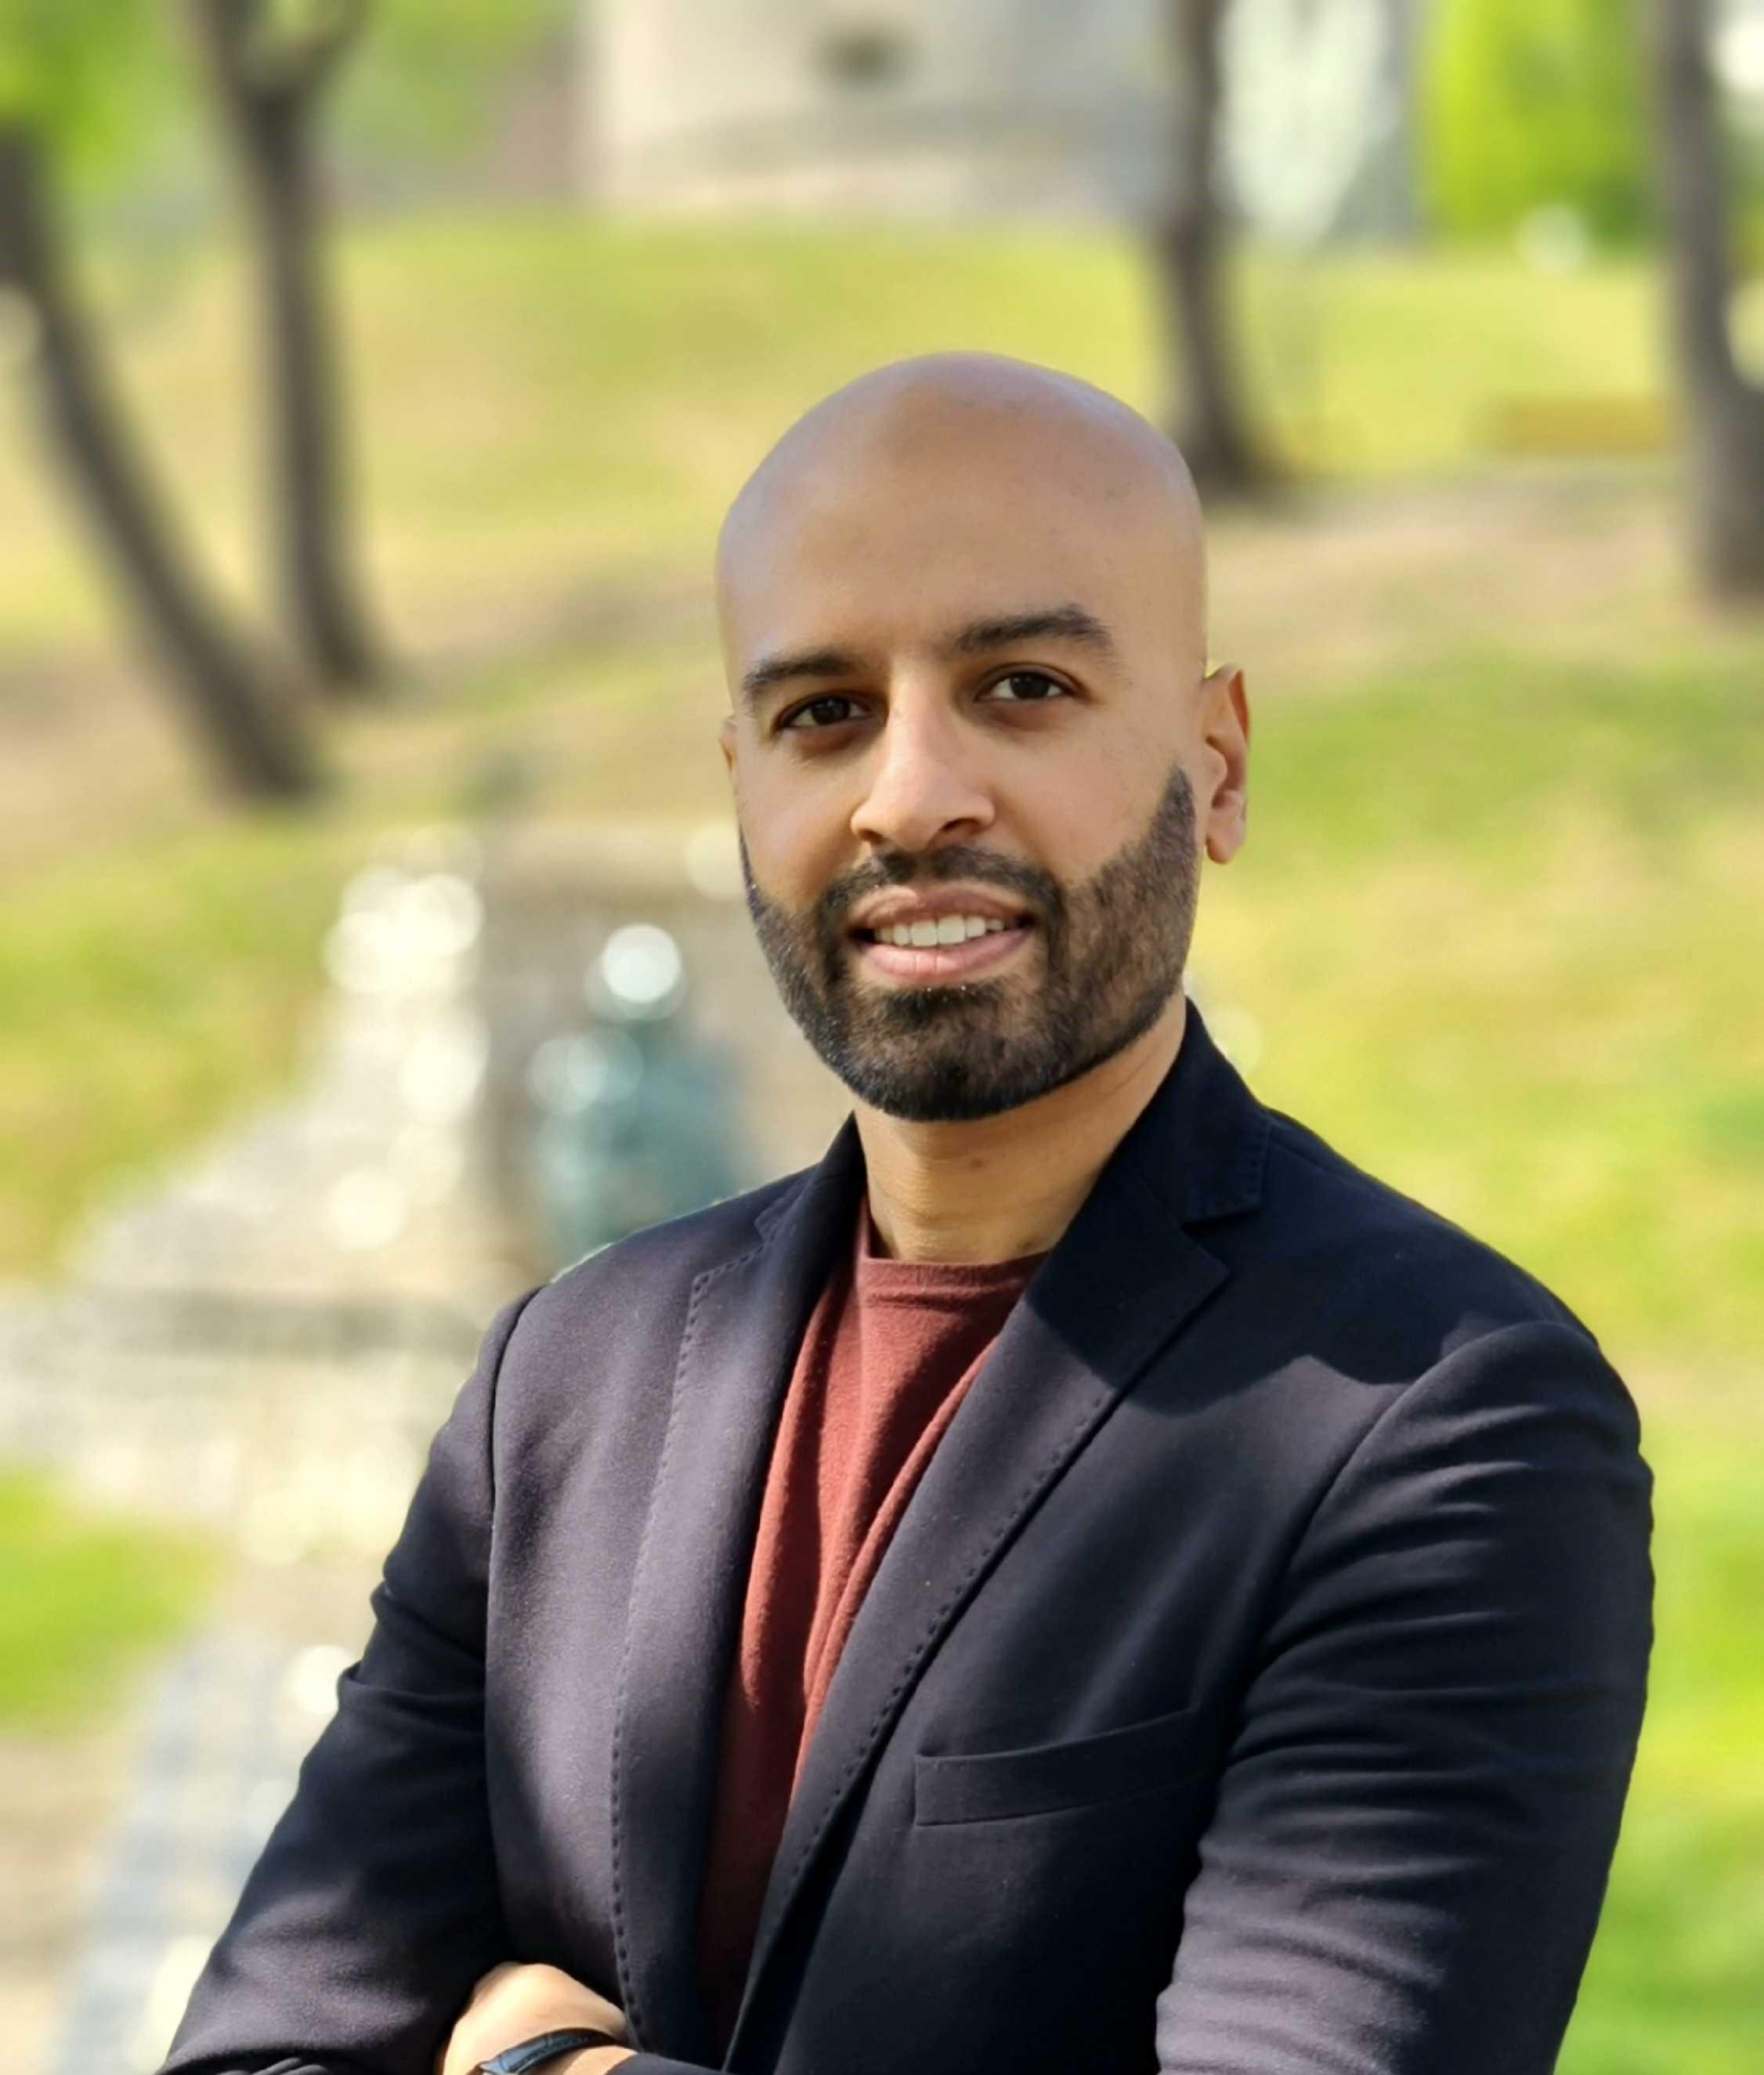 Jamal Khalid